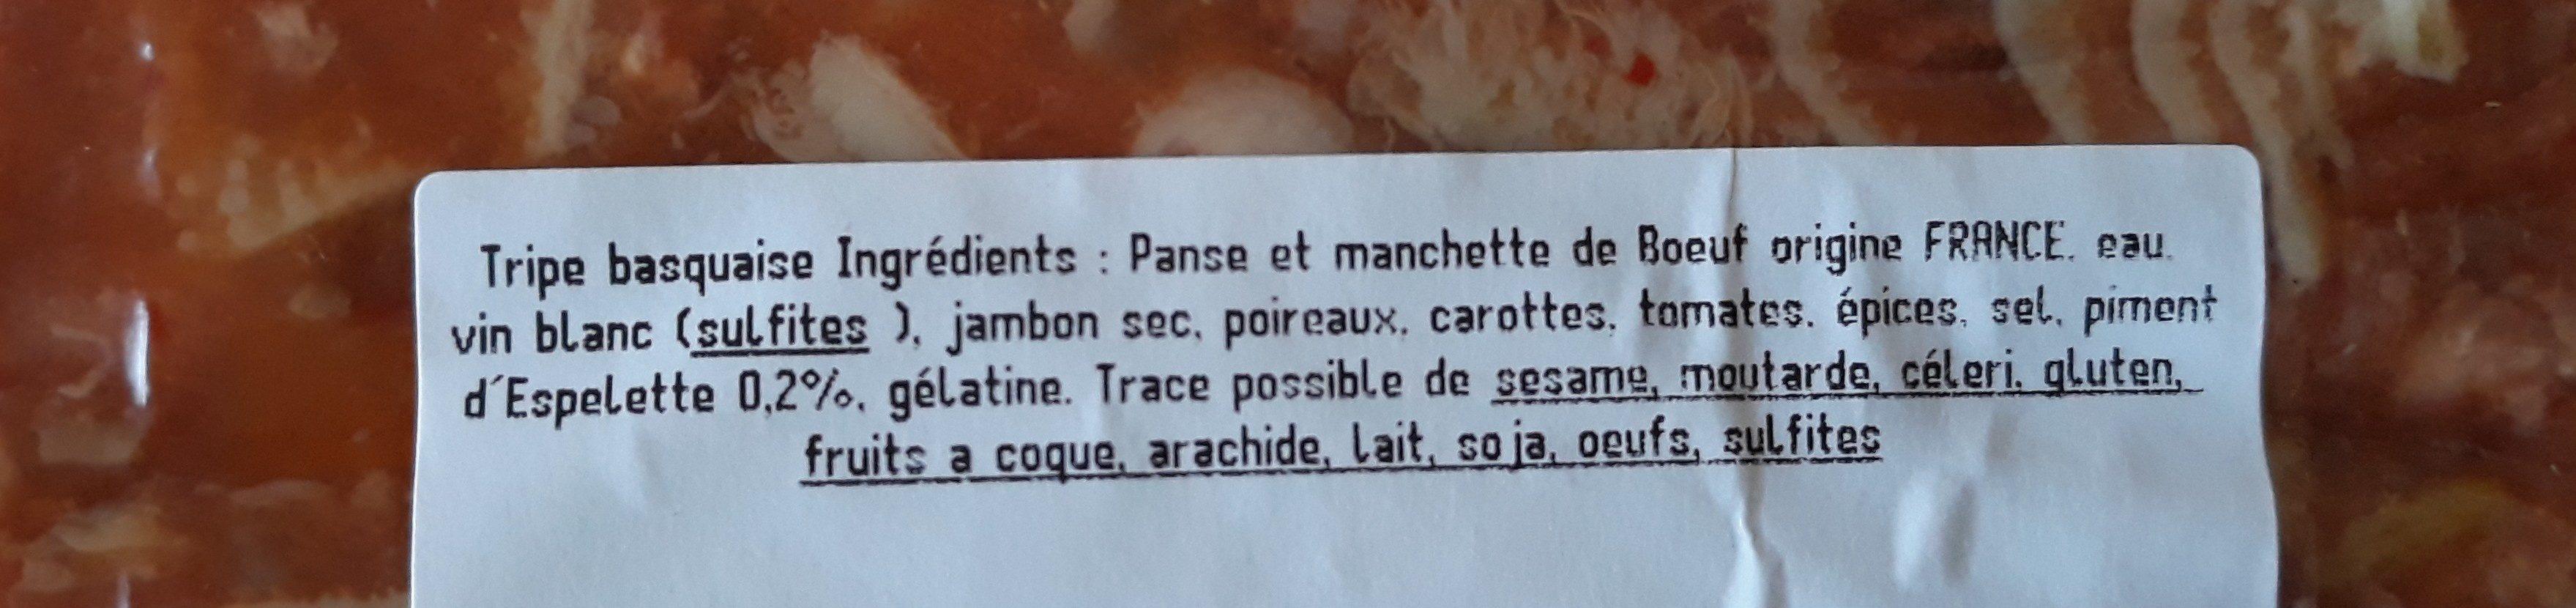 Tripes Basquaises - Ingrédients - fr